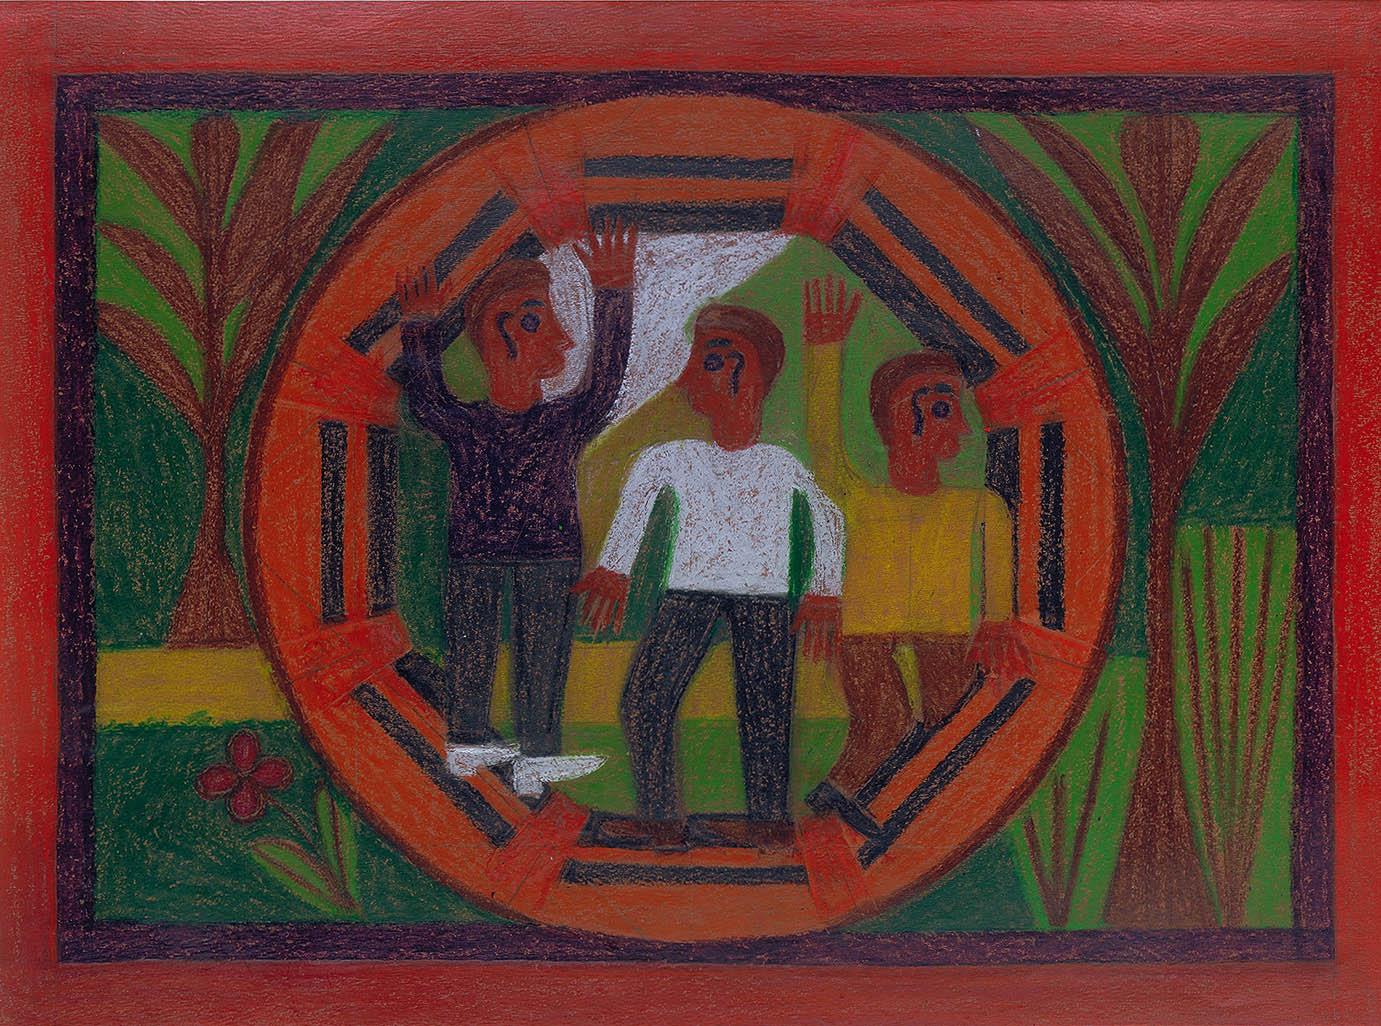 Three Men in a Circle by Eddie Arning